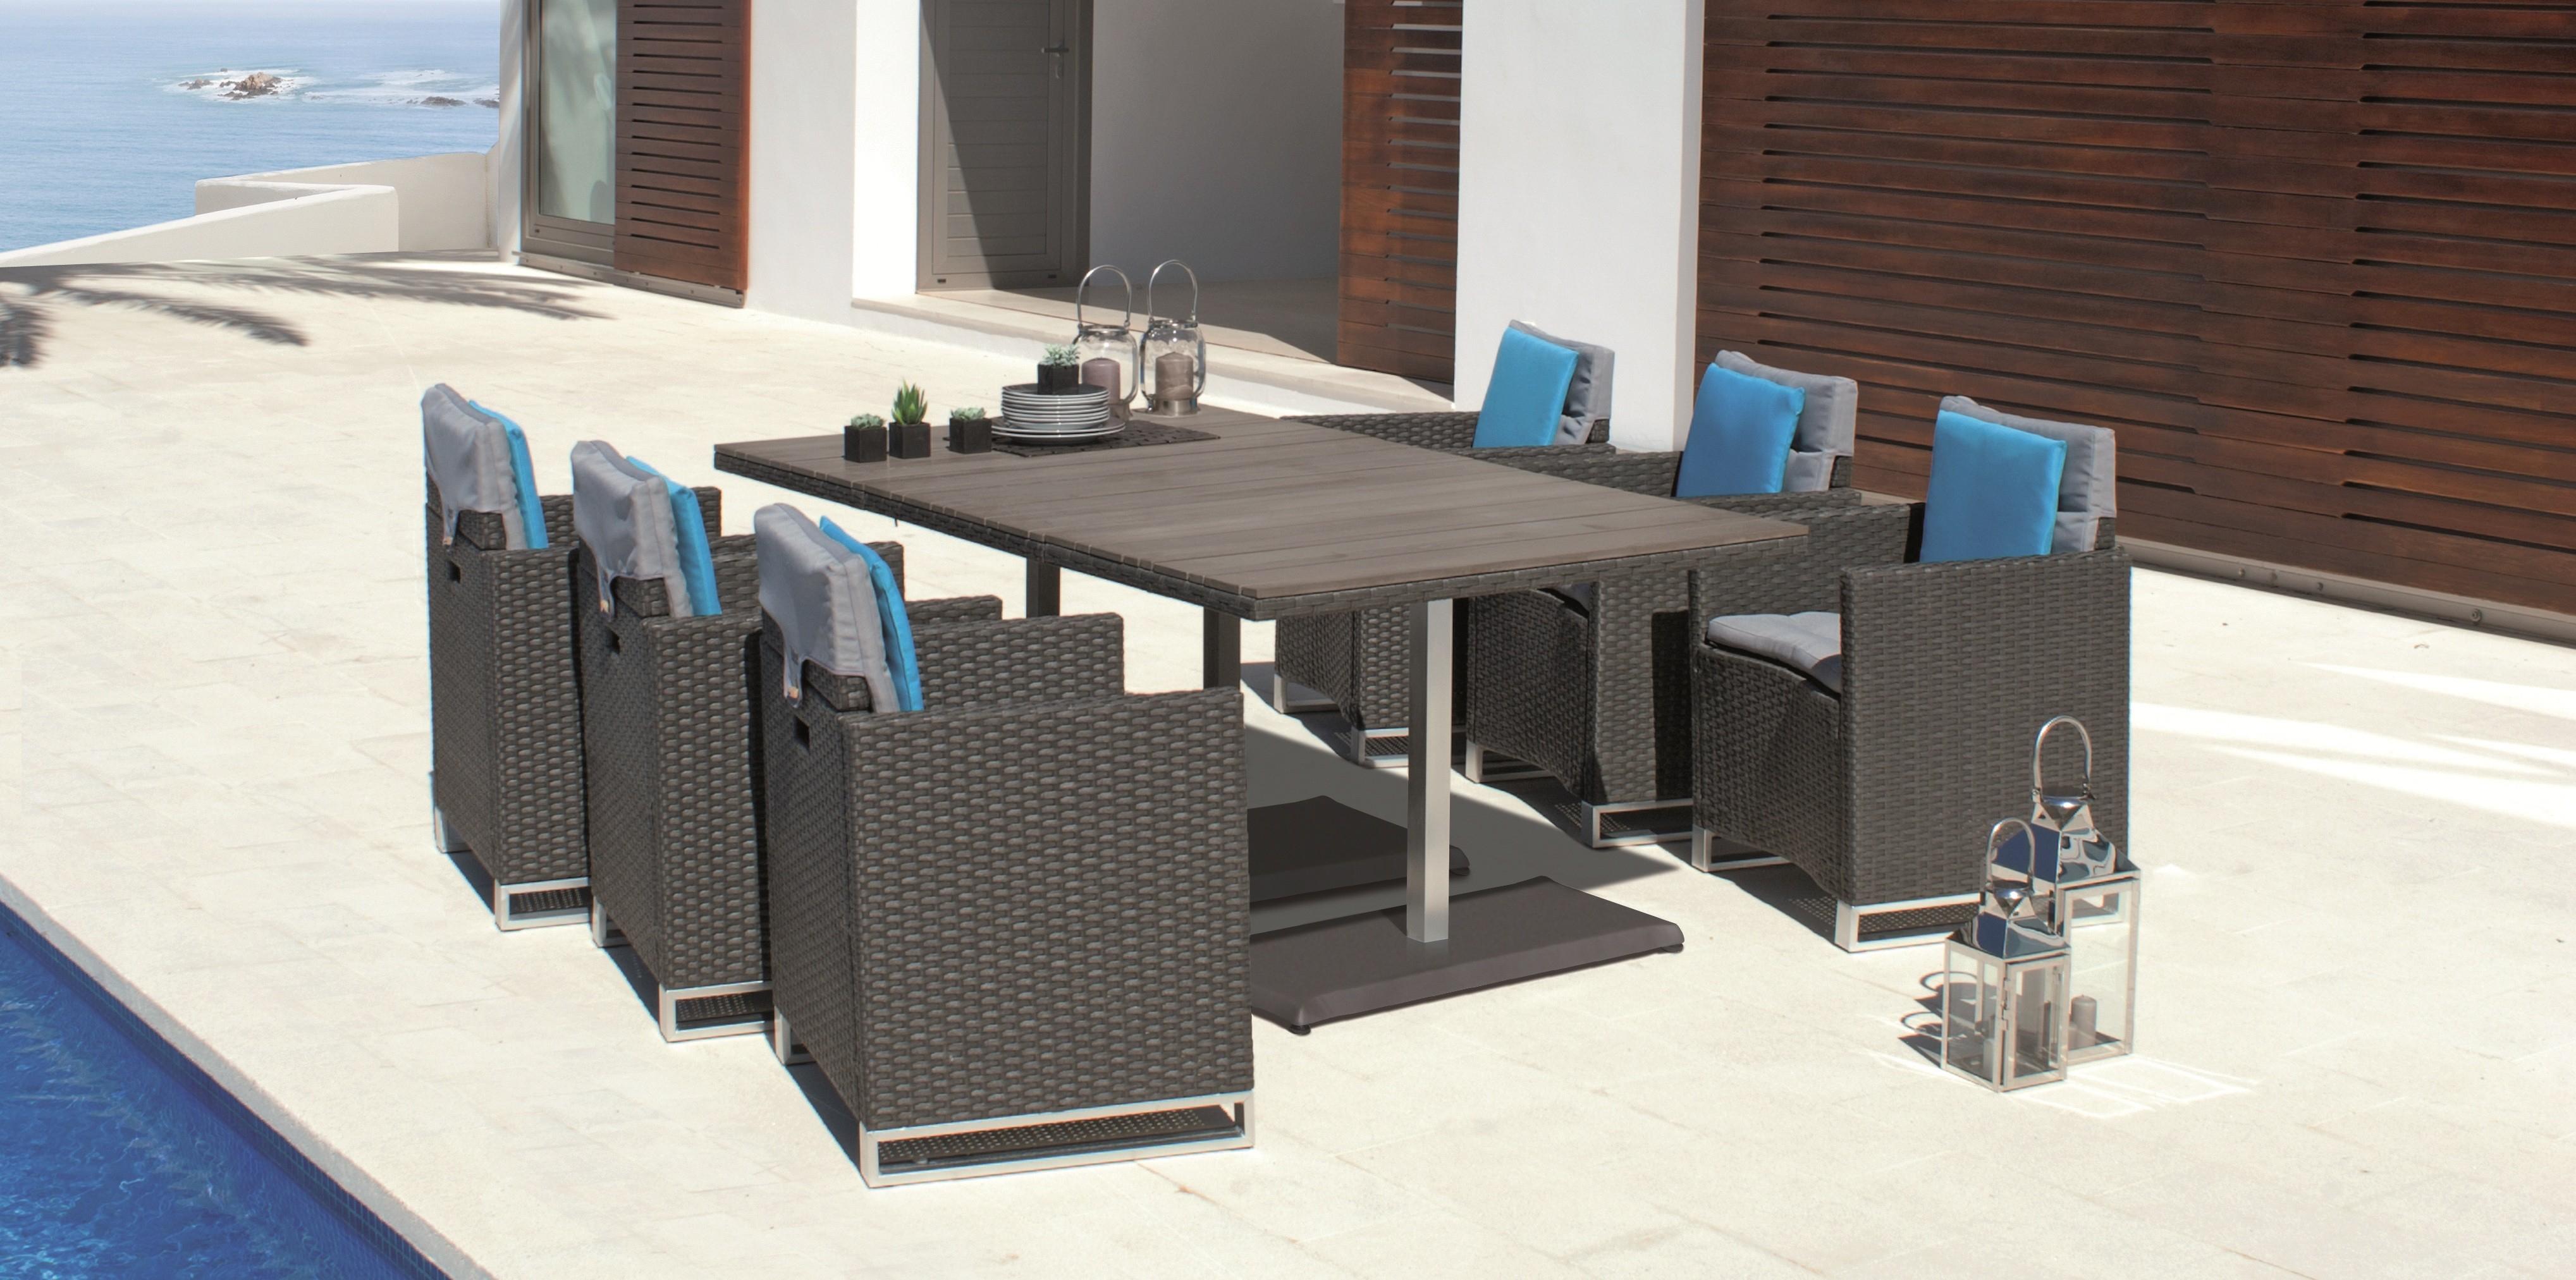 la foir fouille catalogue nouveau stock pouf coffre cube 38 x 38 x 37 cm marron 19 99 la foir. Black Bedroom Furniture Sets. Home Design Ideas